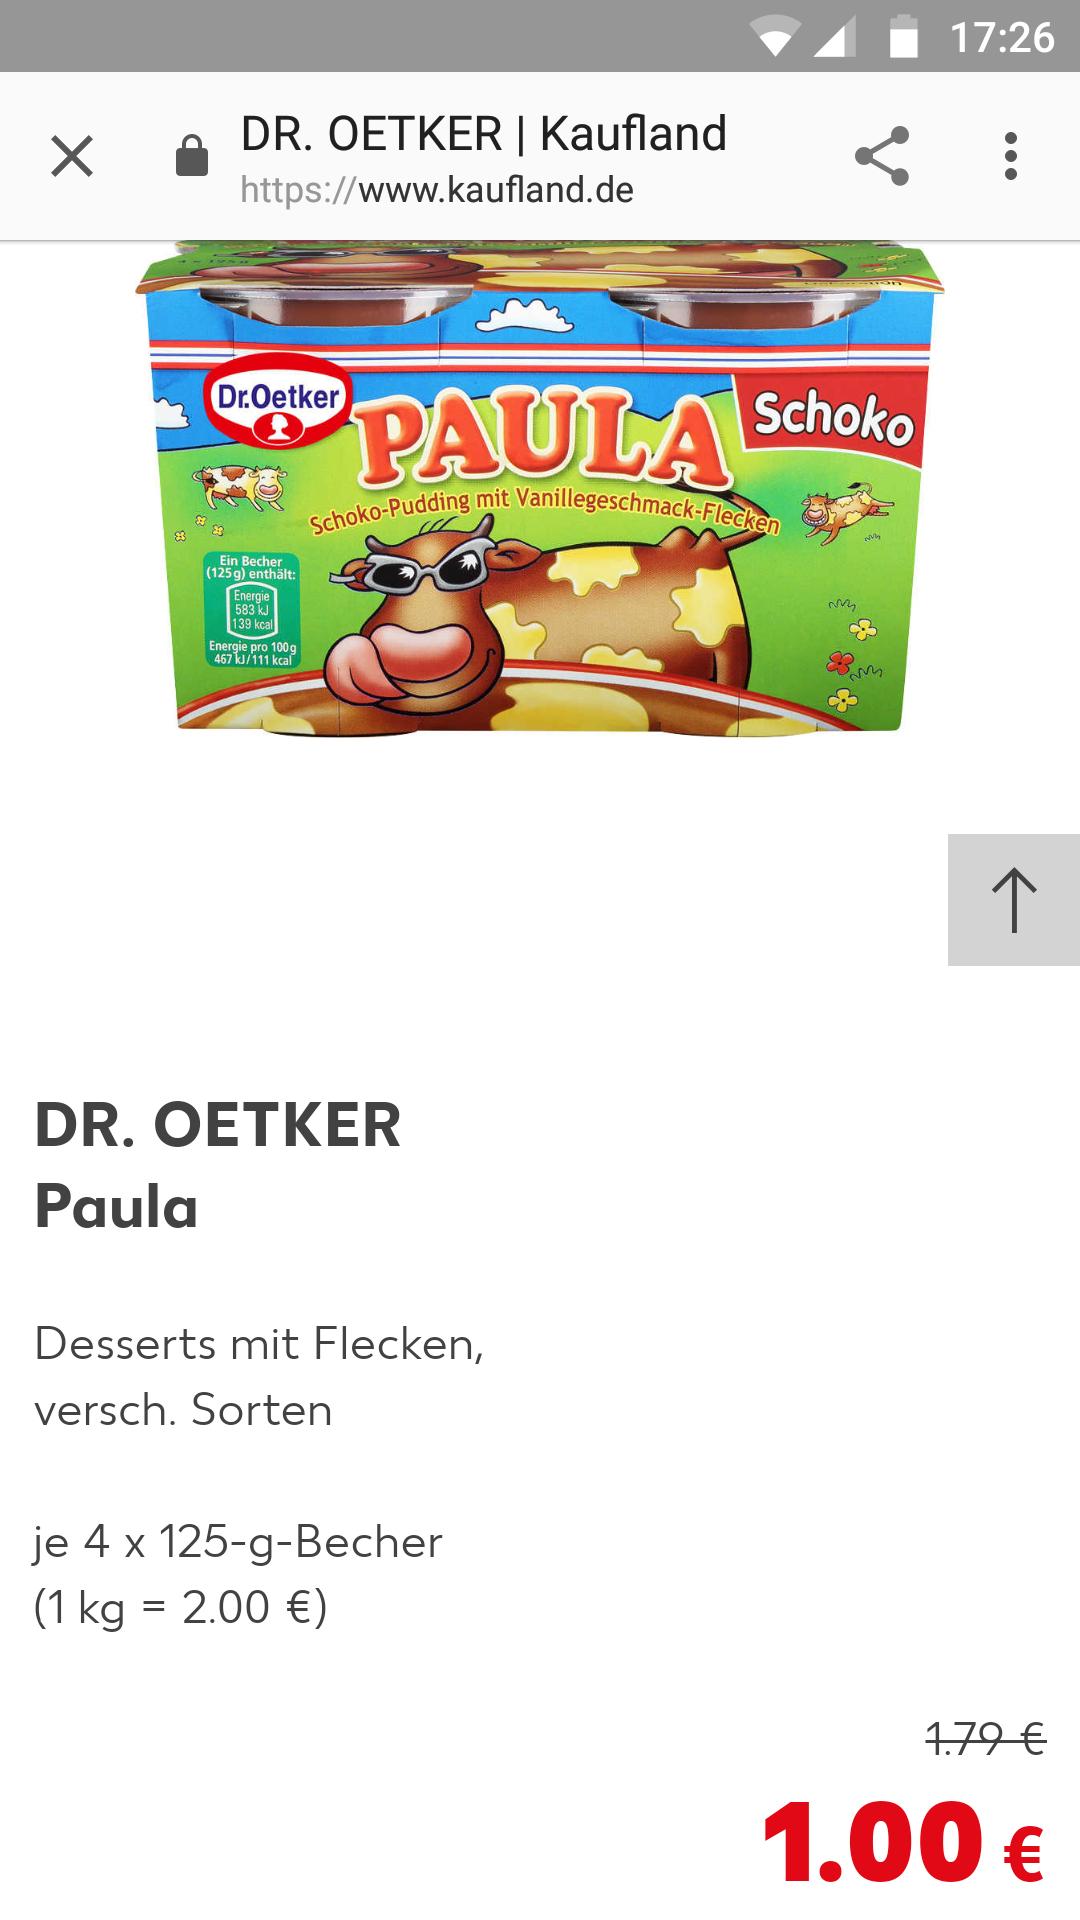 4*125g Dr. Oetker Paula Pudding mit Vanille oder Schokoflecken